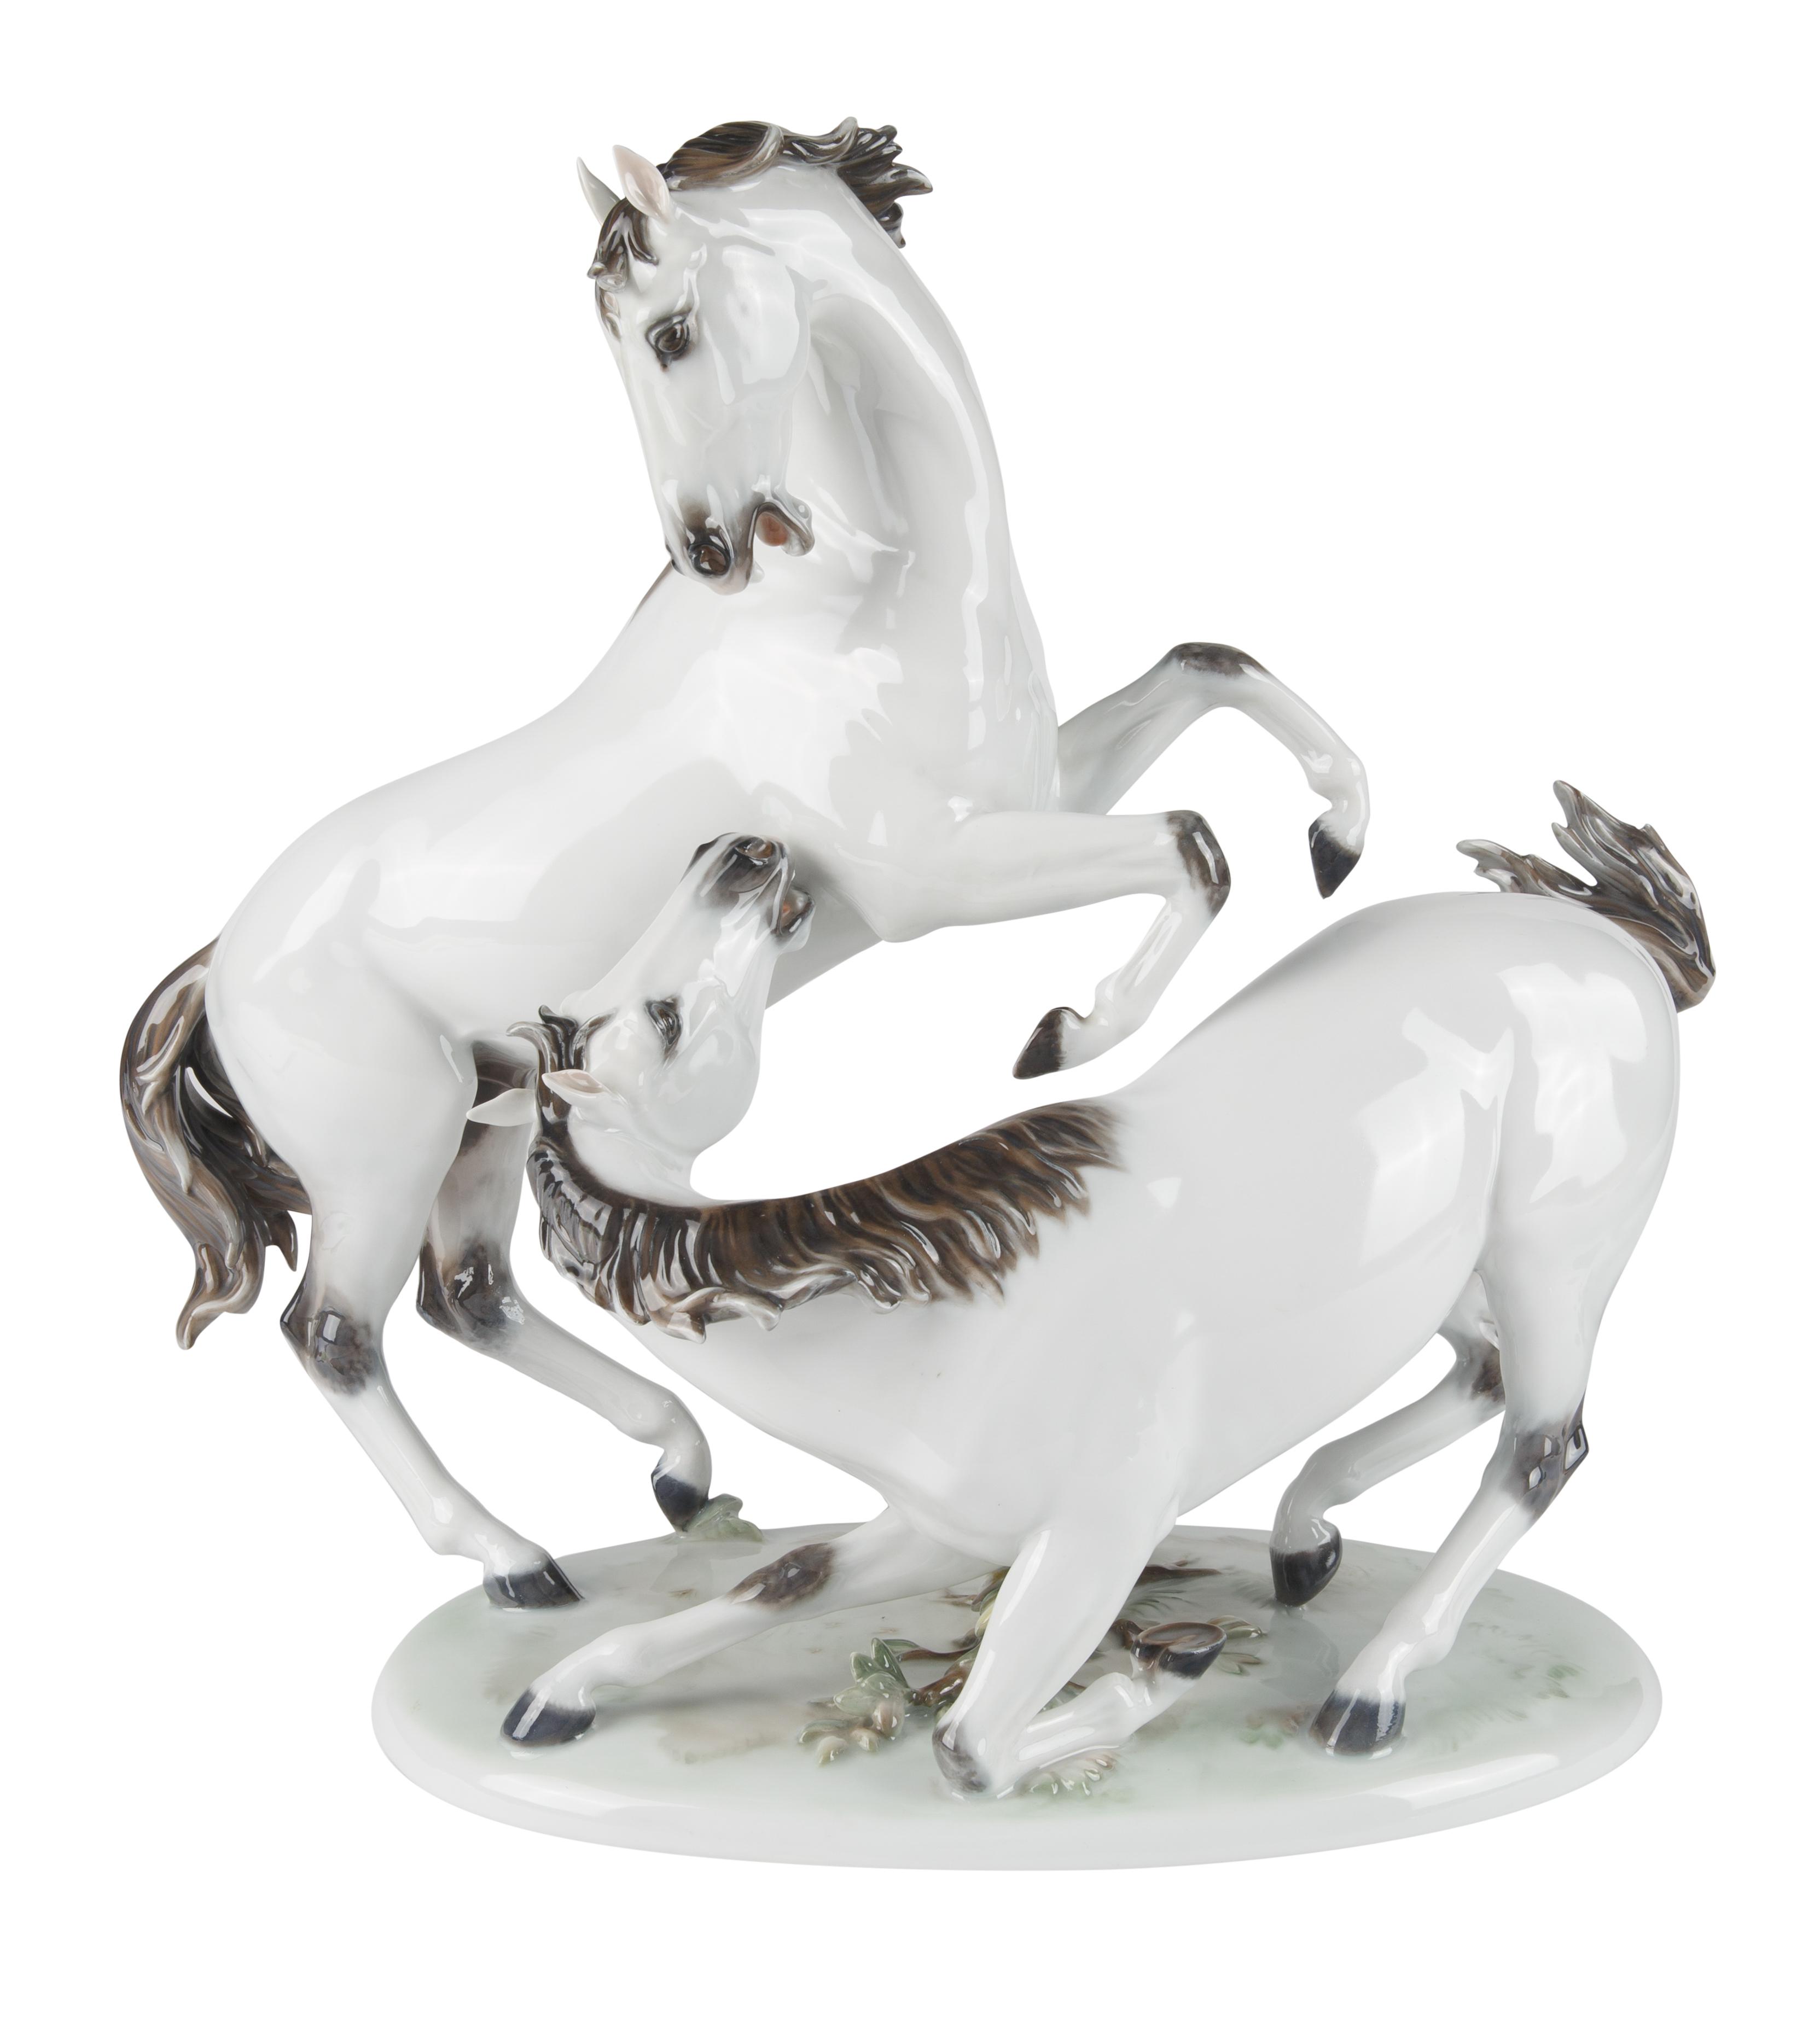 CIRCA 1957 AFTER HUGO MEISEL (GERMAN 1887-1966), PORCELAIN WILD HORSE FIGURAL GROUP